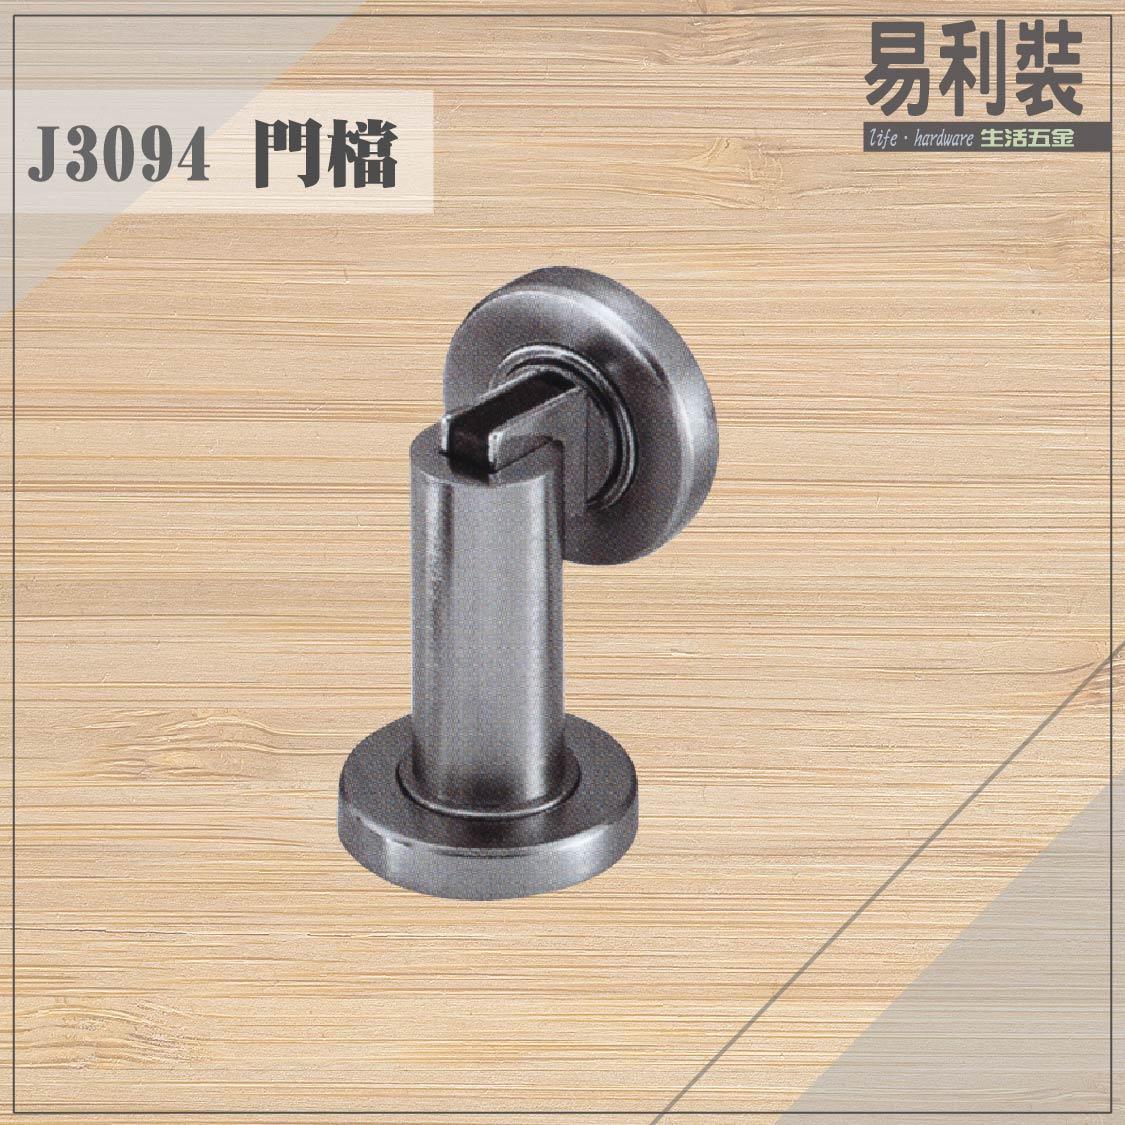 【 EASYCAN  】J3094 不鏽鋼門檔 易利裝生活五金 浴室 廚房 房間 臥房 衣櫃 小資族 辦公家具 系統家具 0